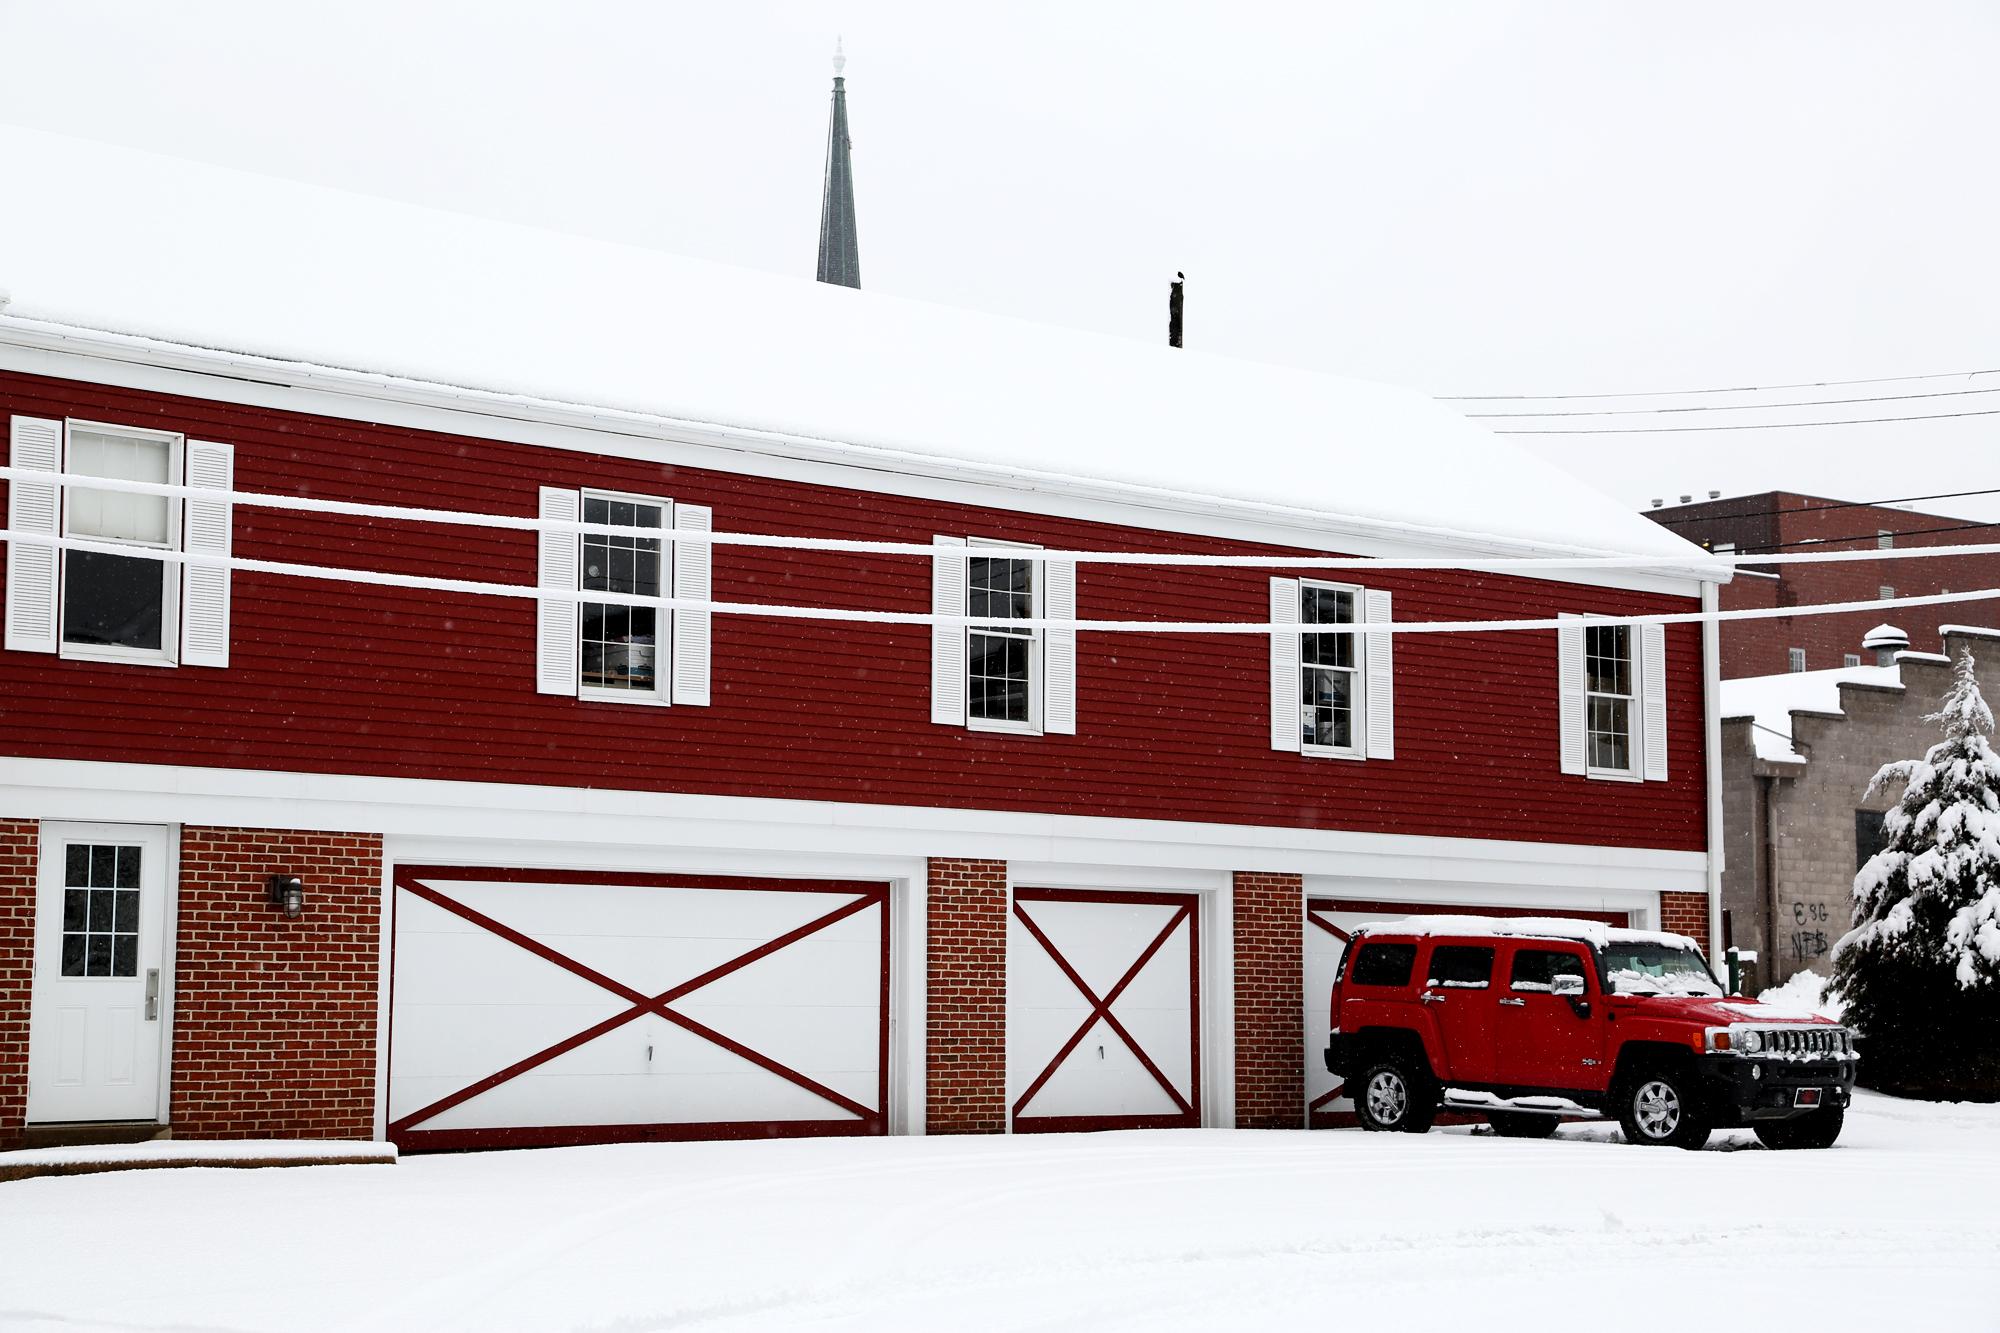 0203_NWS_SP-snowfall-11.jpg